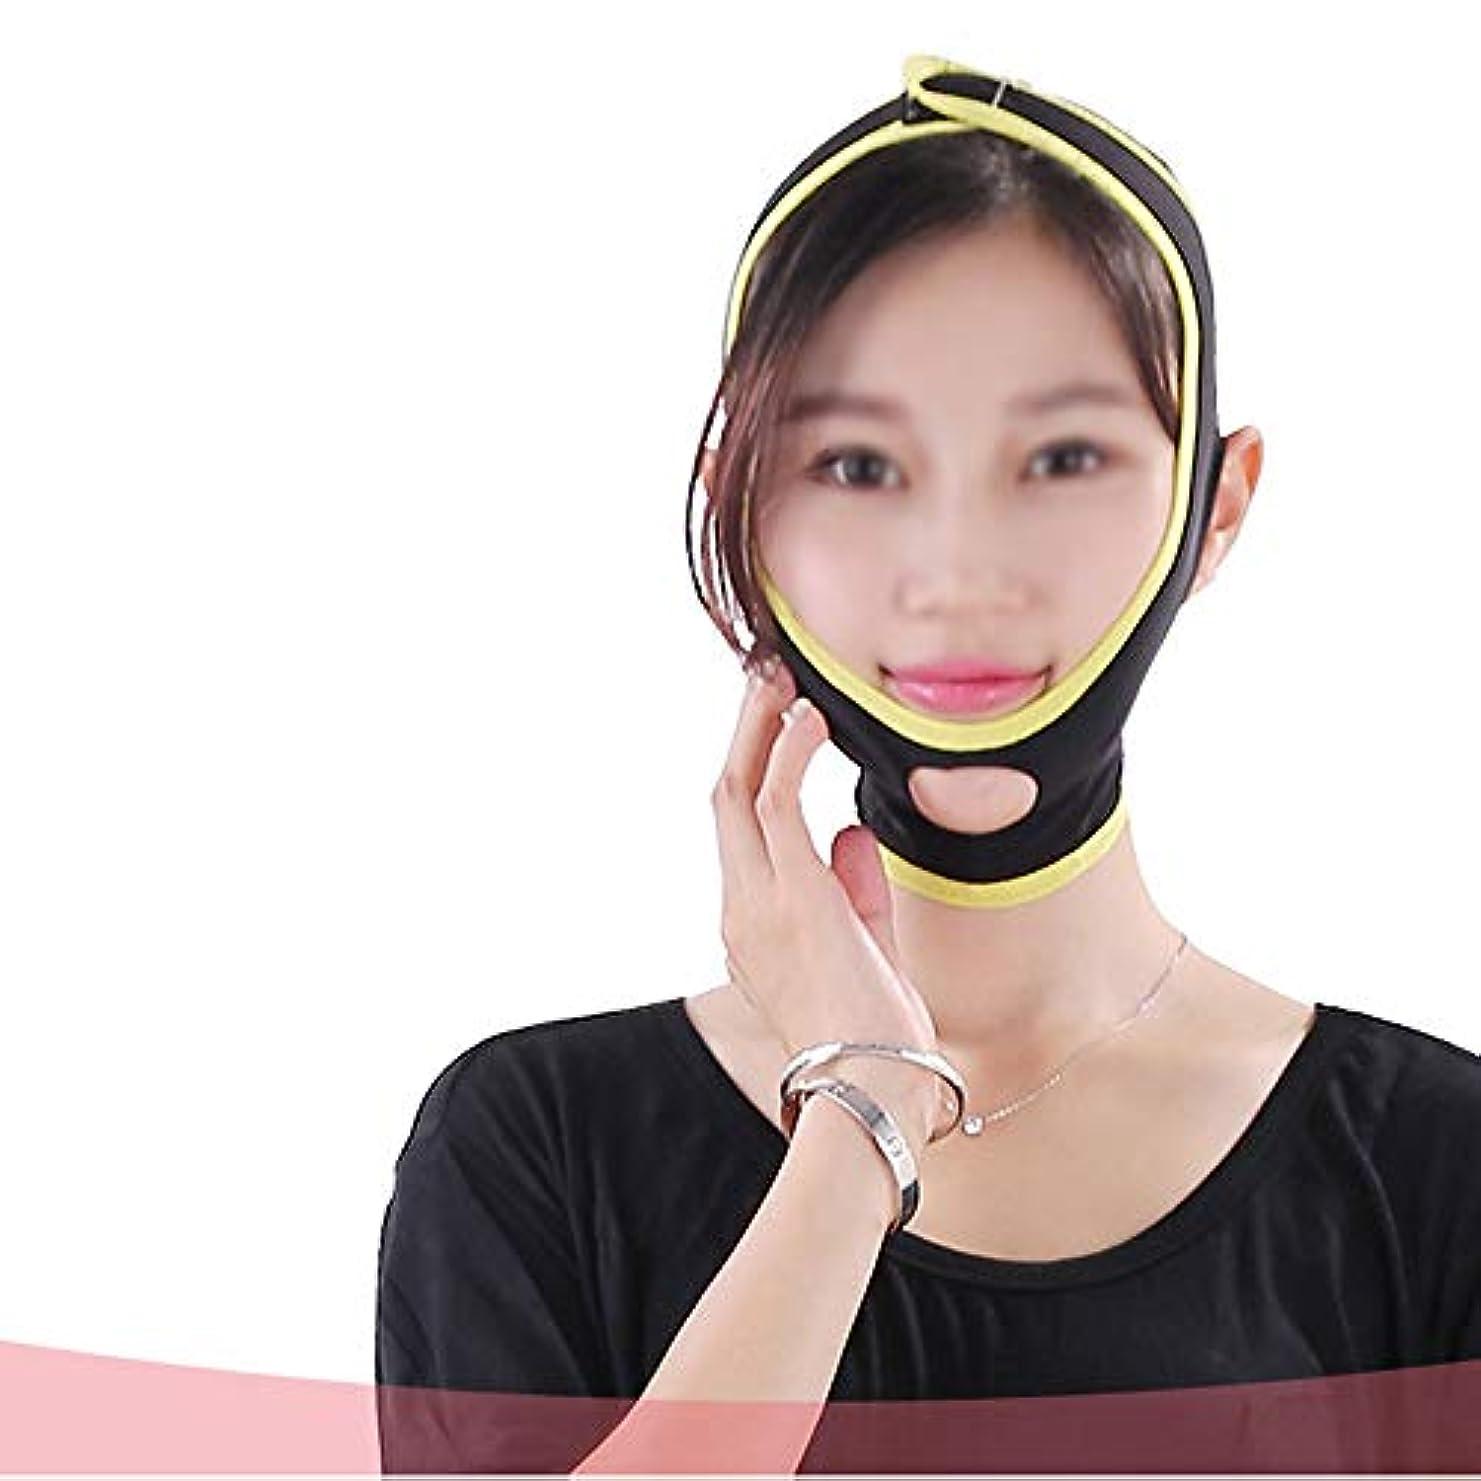 ナイロンディスパッチサージXHLMRMJ 通気性の睡眠のマスク、薄い顔の包帯の小さい表面Vの顔薄い顔の顔 (Color : M)